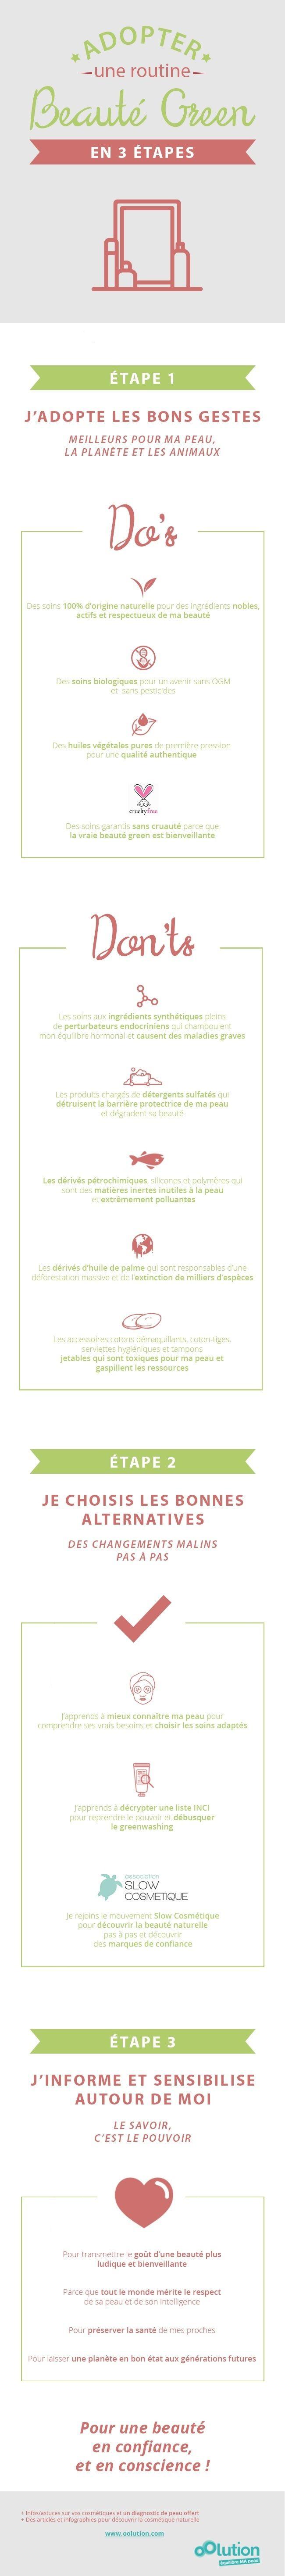 infographie-green oOlution Soins bio à retrouver sur www.doux-good.com